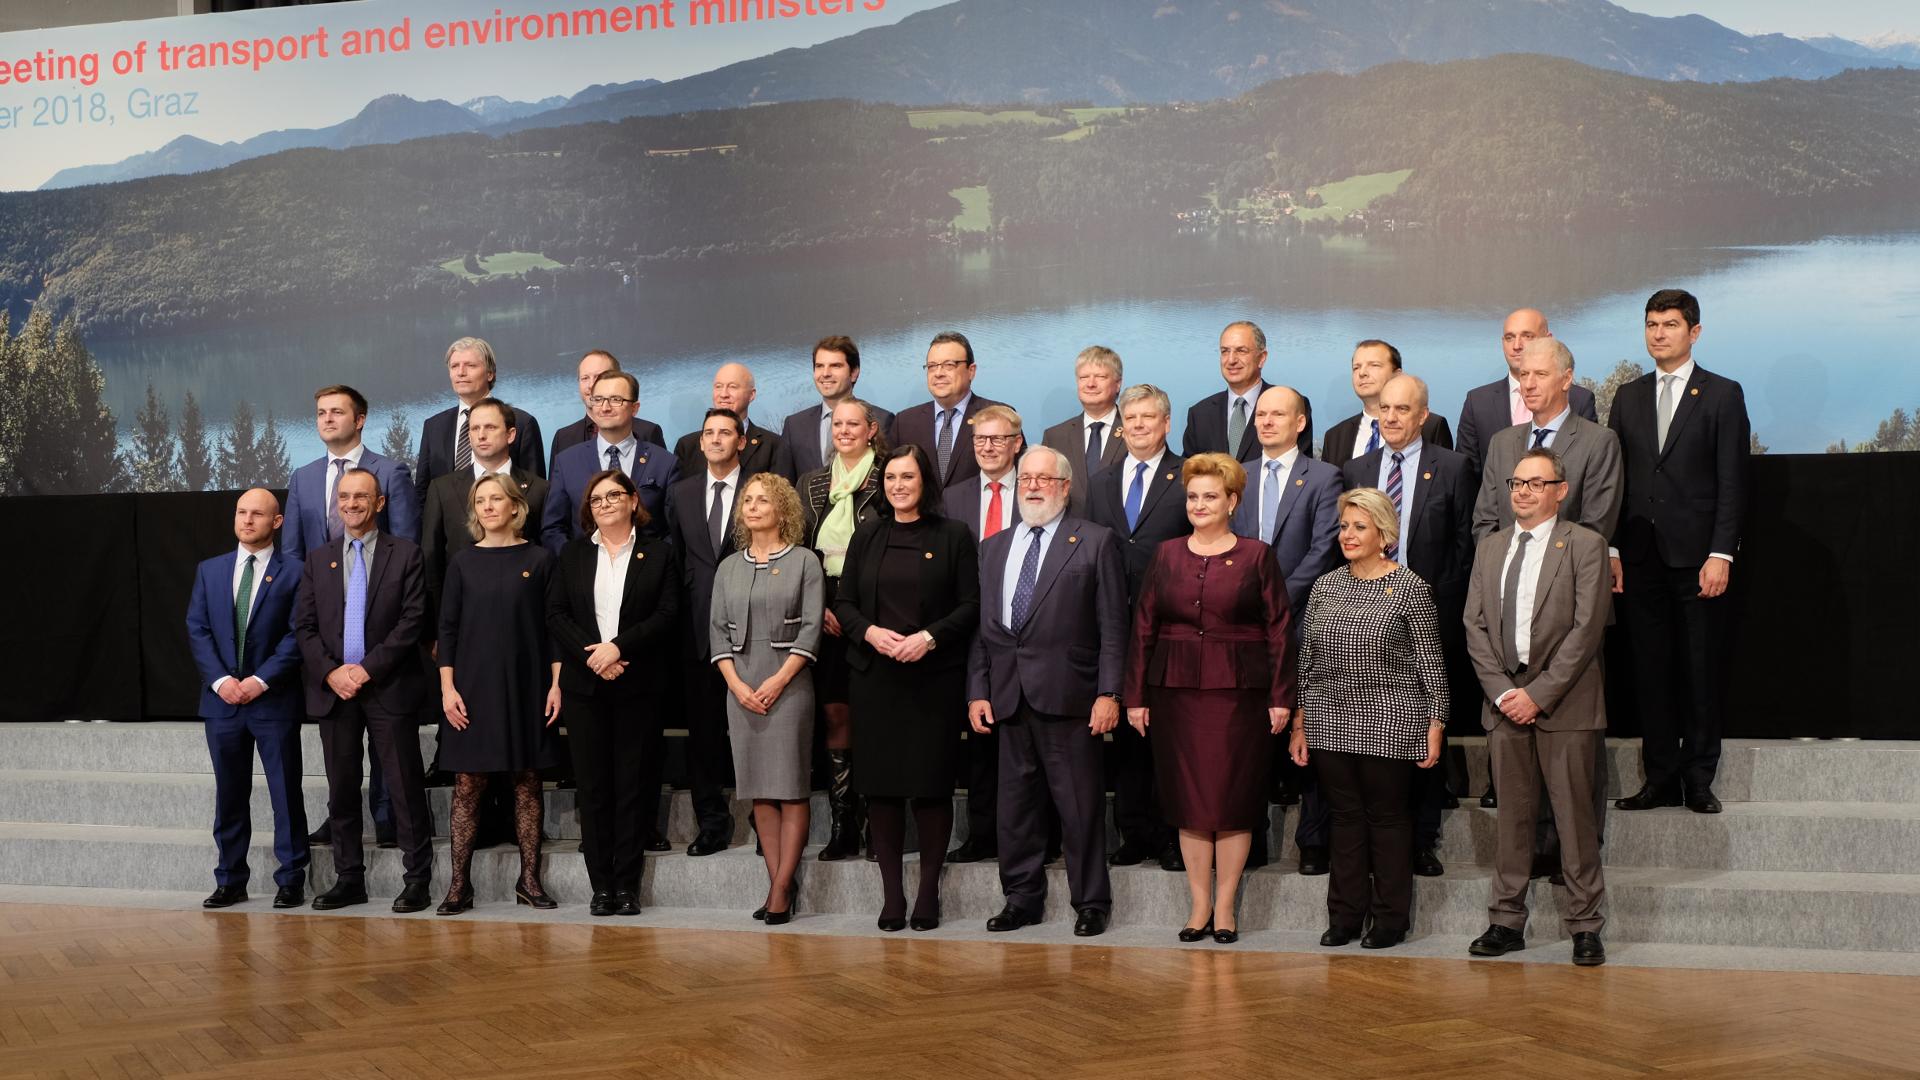 Informelles Treffen der EU Verkehrs und Umweltminister-Gruppenfoto-Elisabeth Köstinger-Graz-Umweltminister